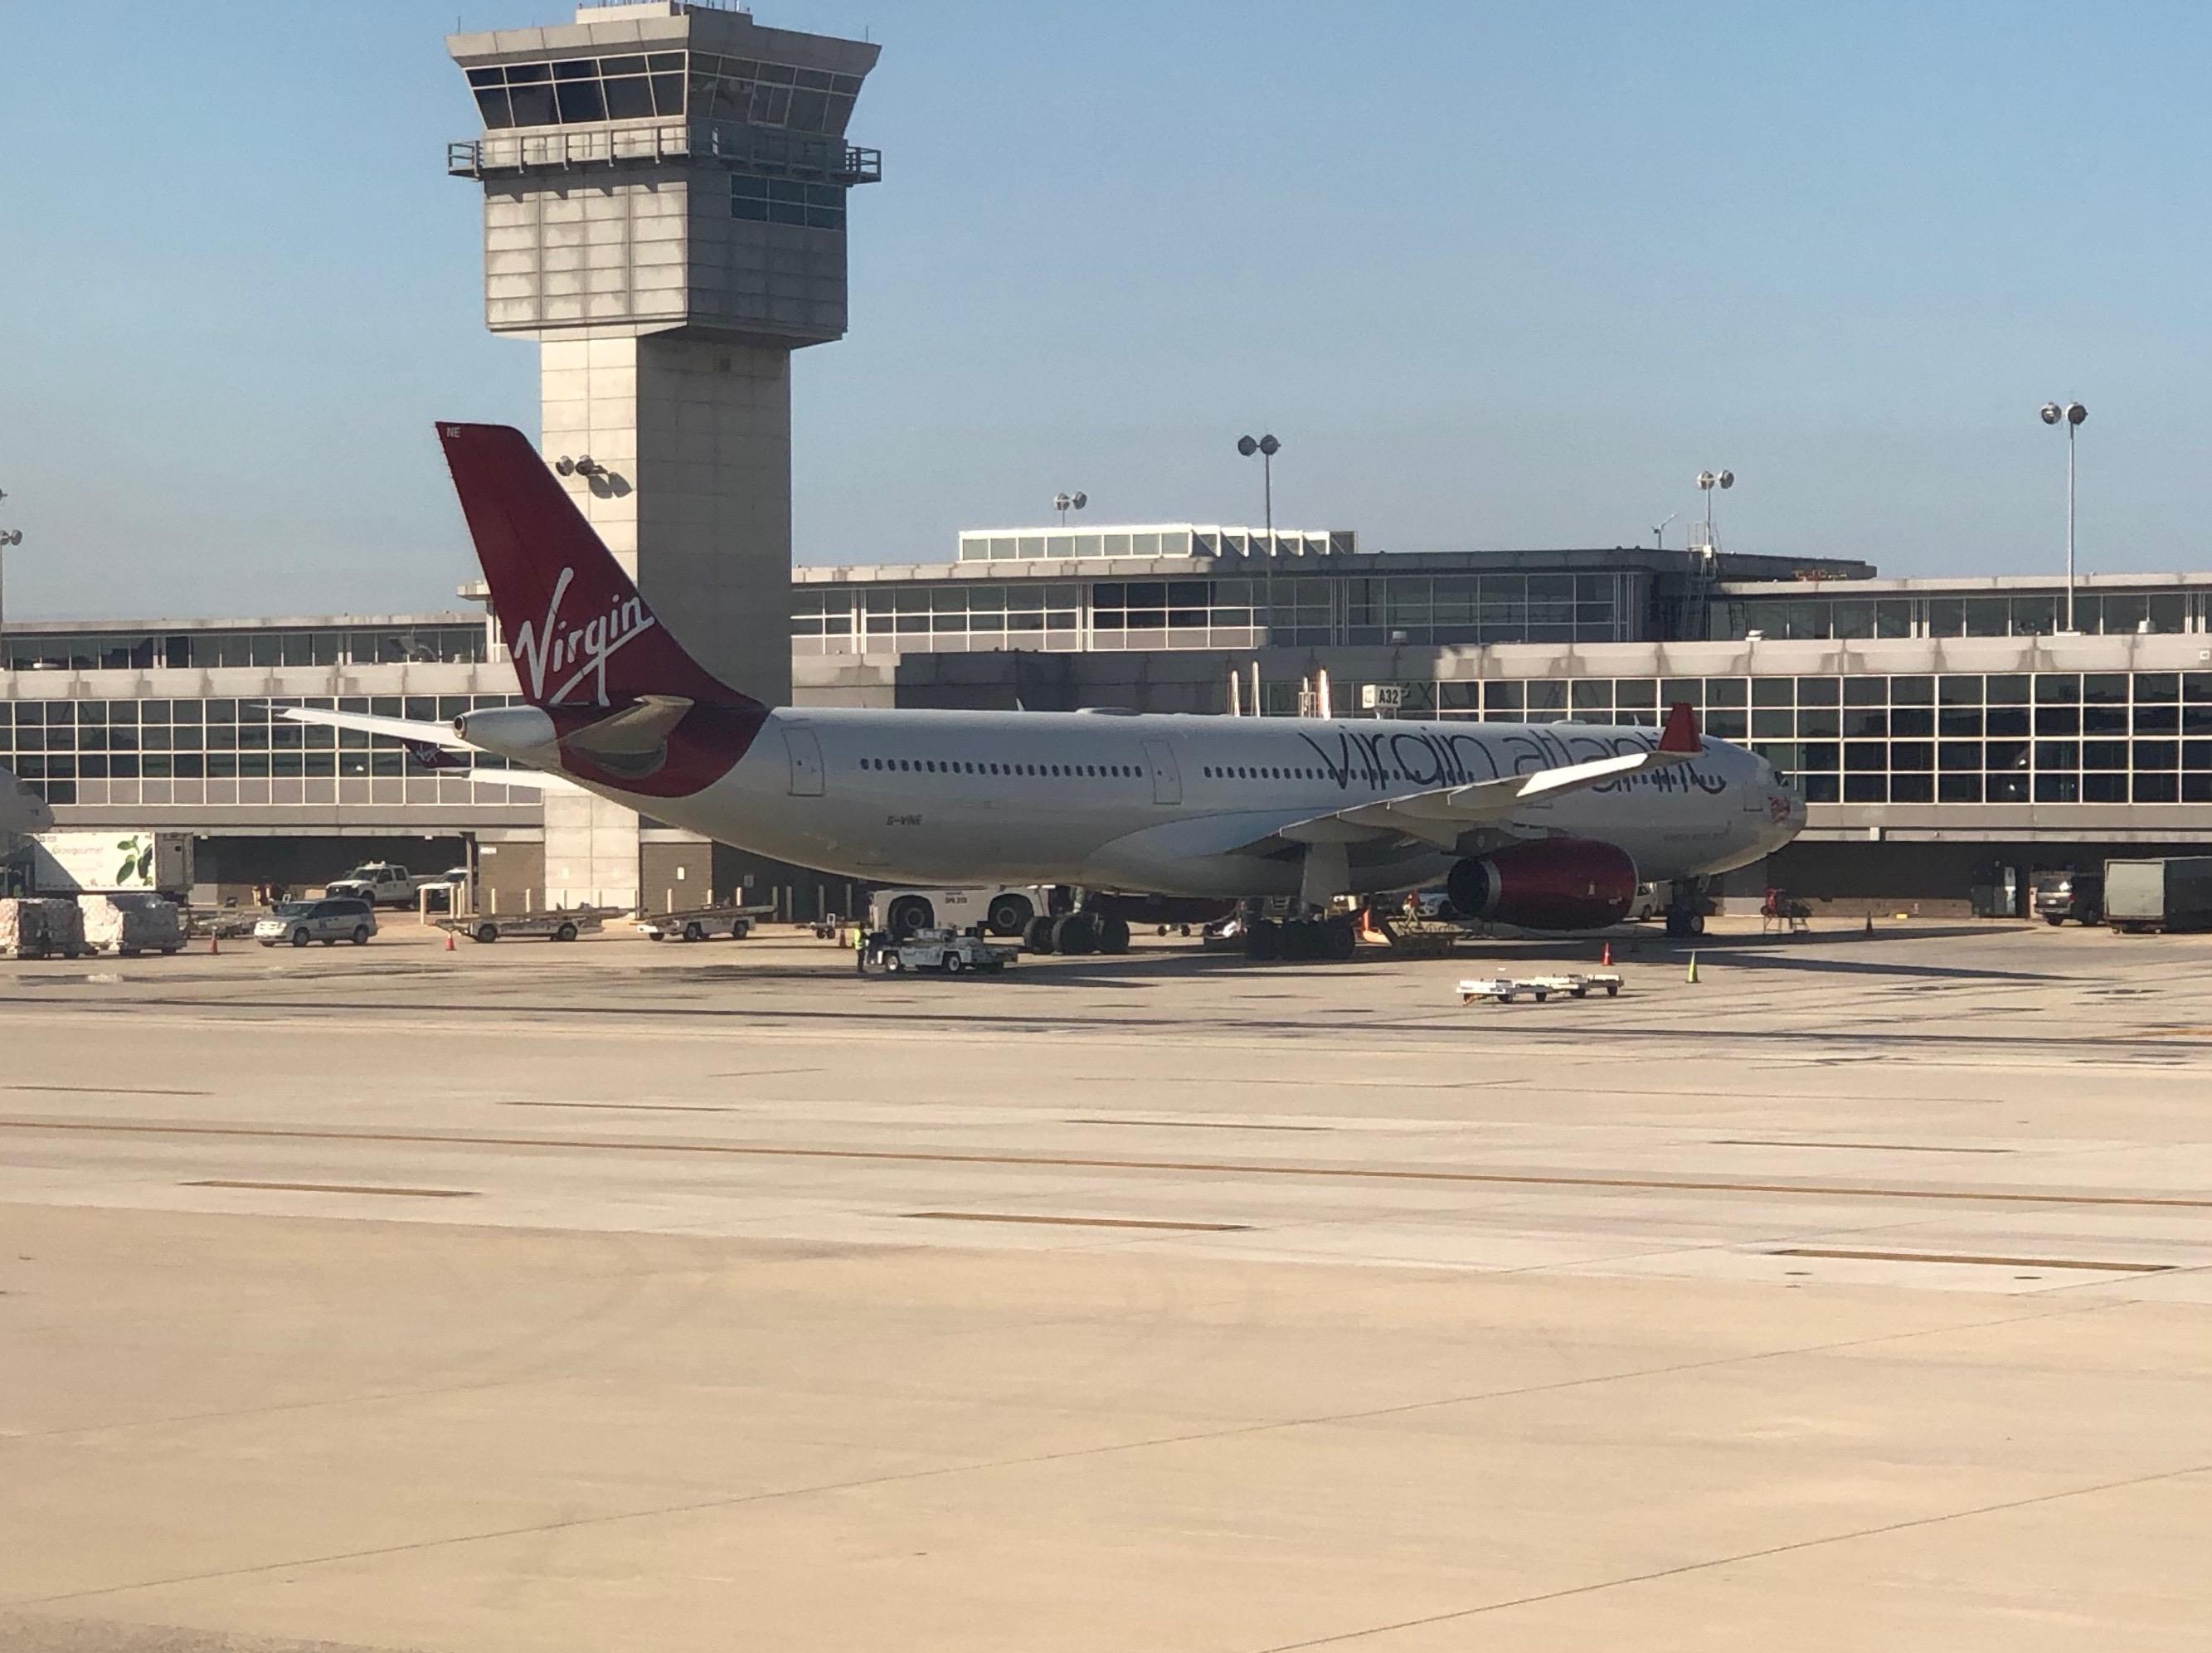 Airline Profile: Virgin Atlantic - Air Travel Analysis